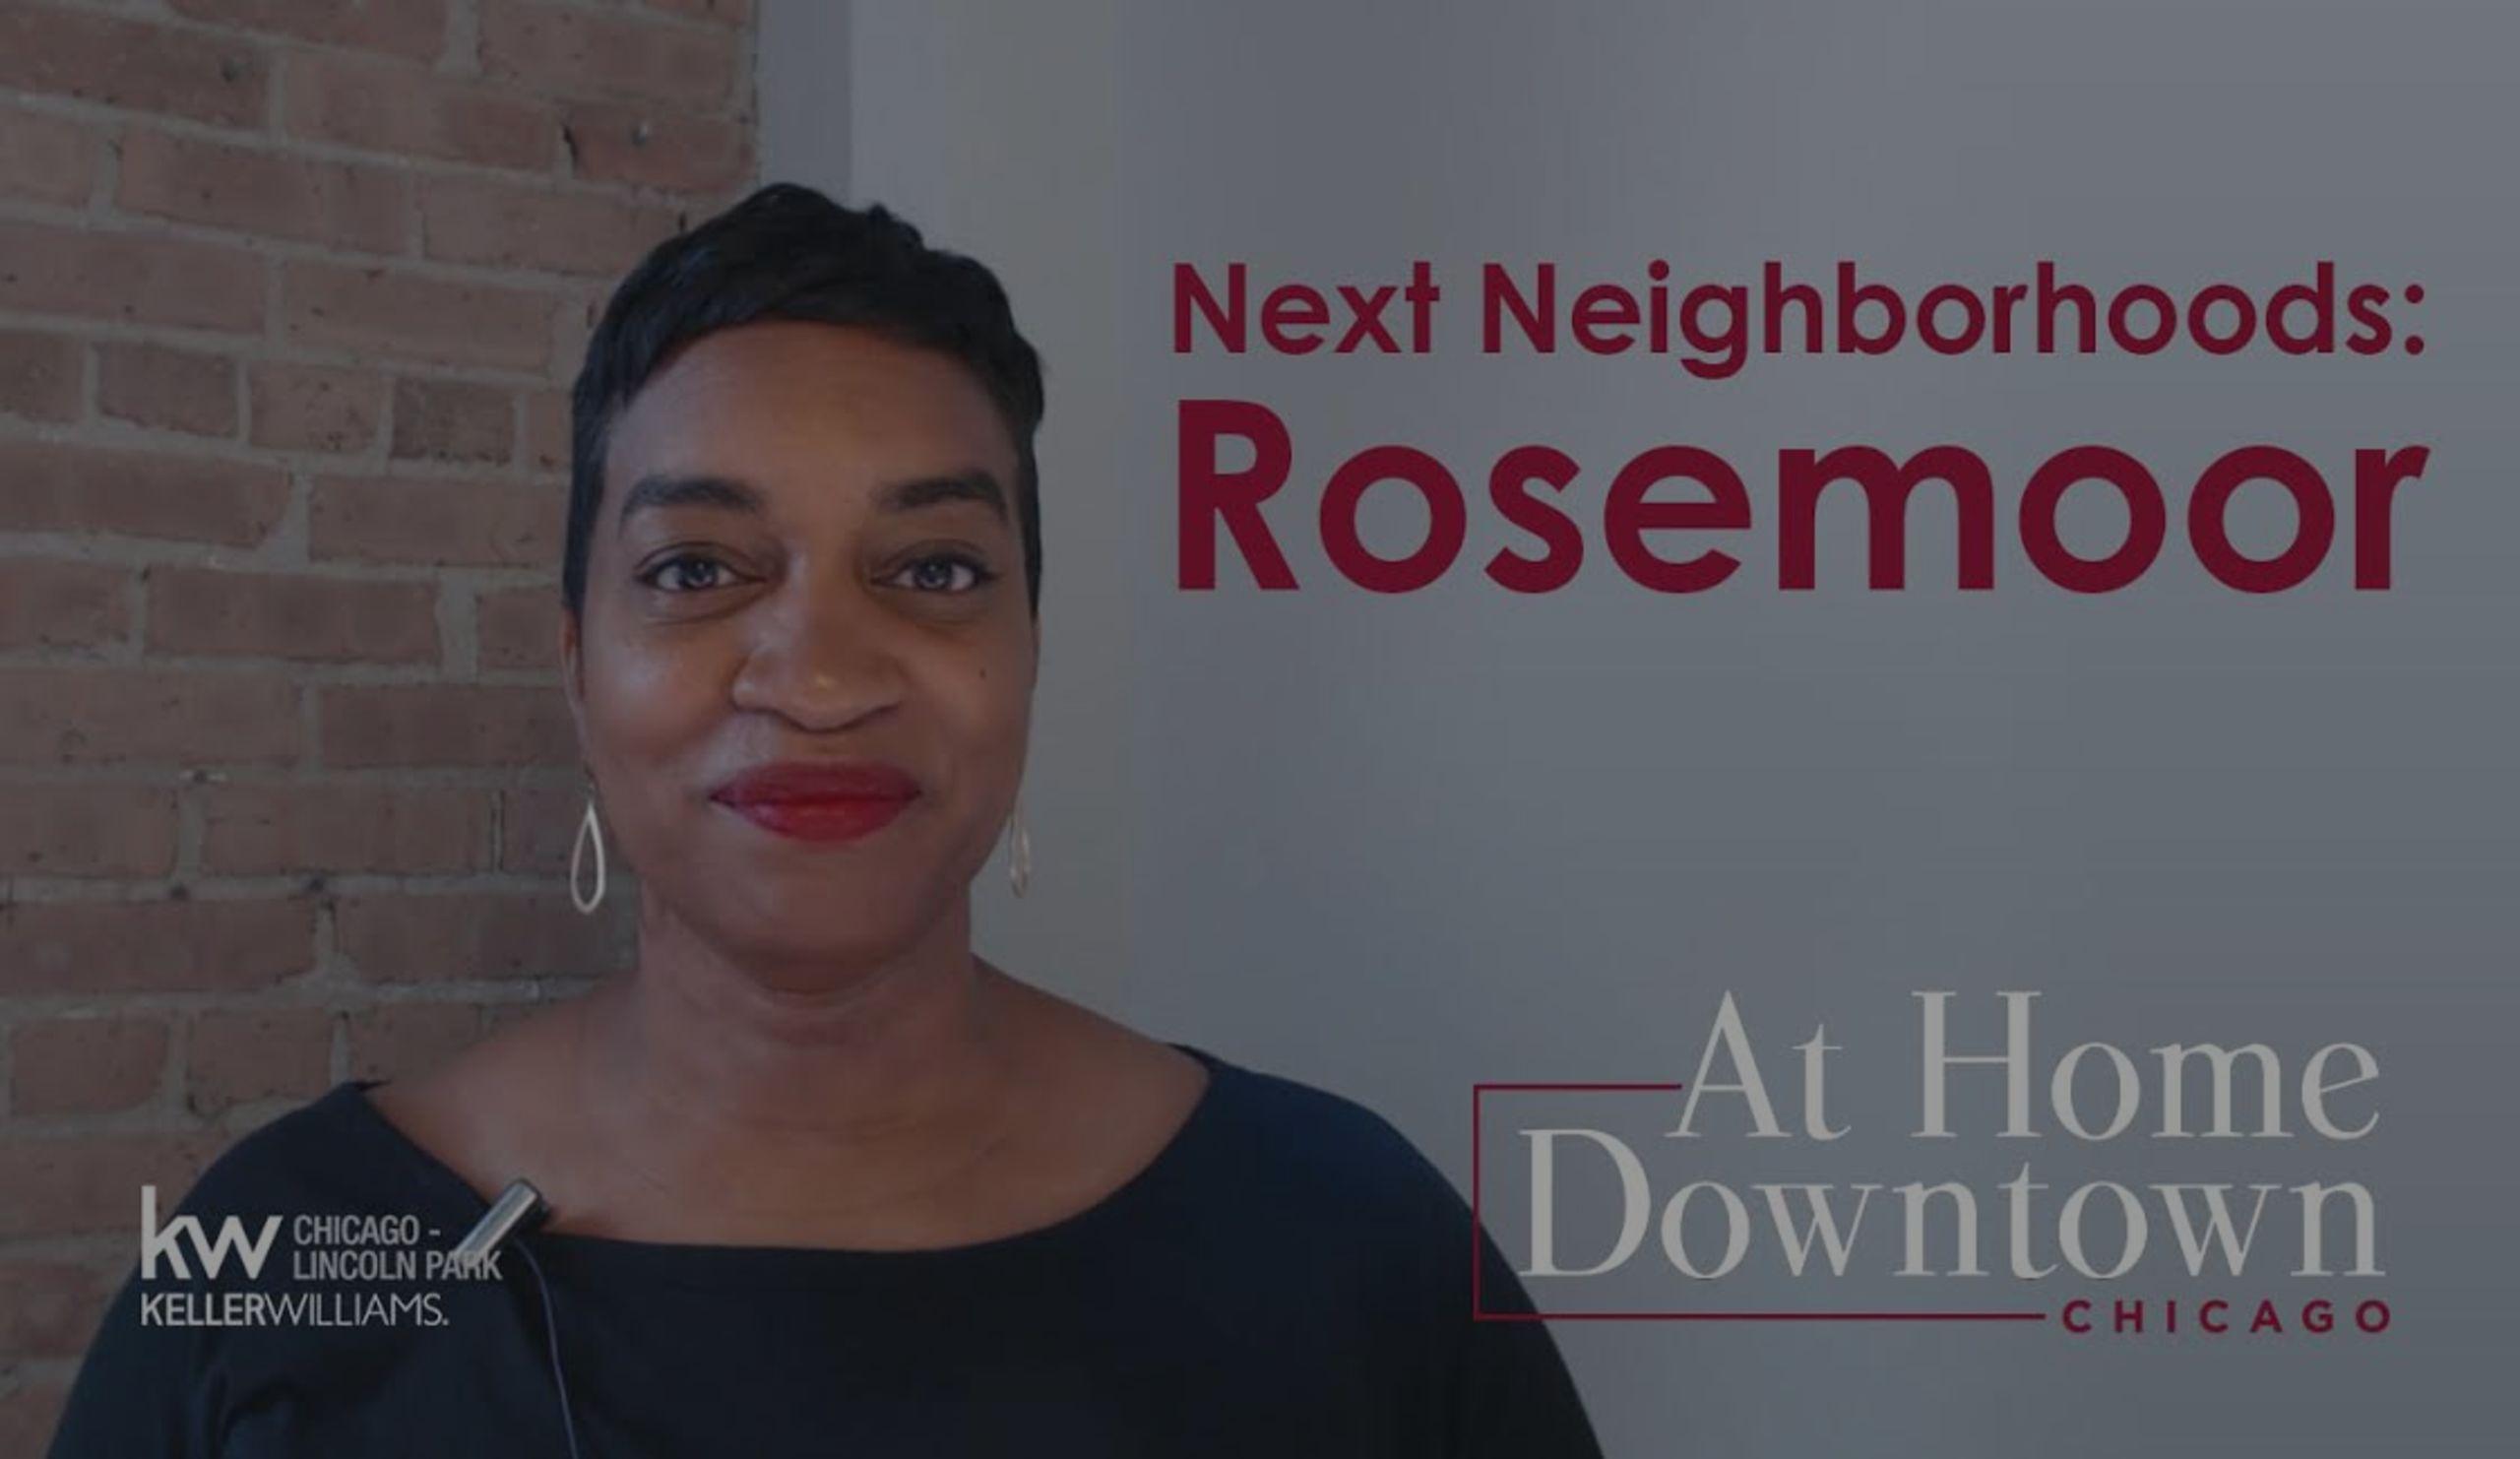 Chicago's Next Hot Neighborhood: Rosemoor